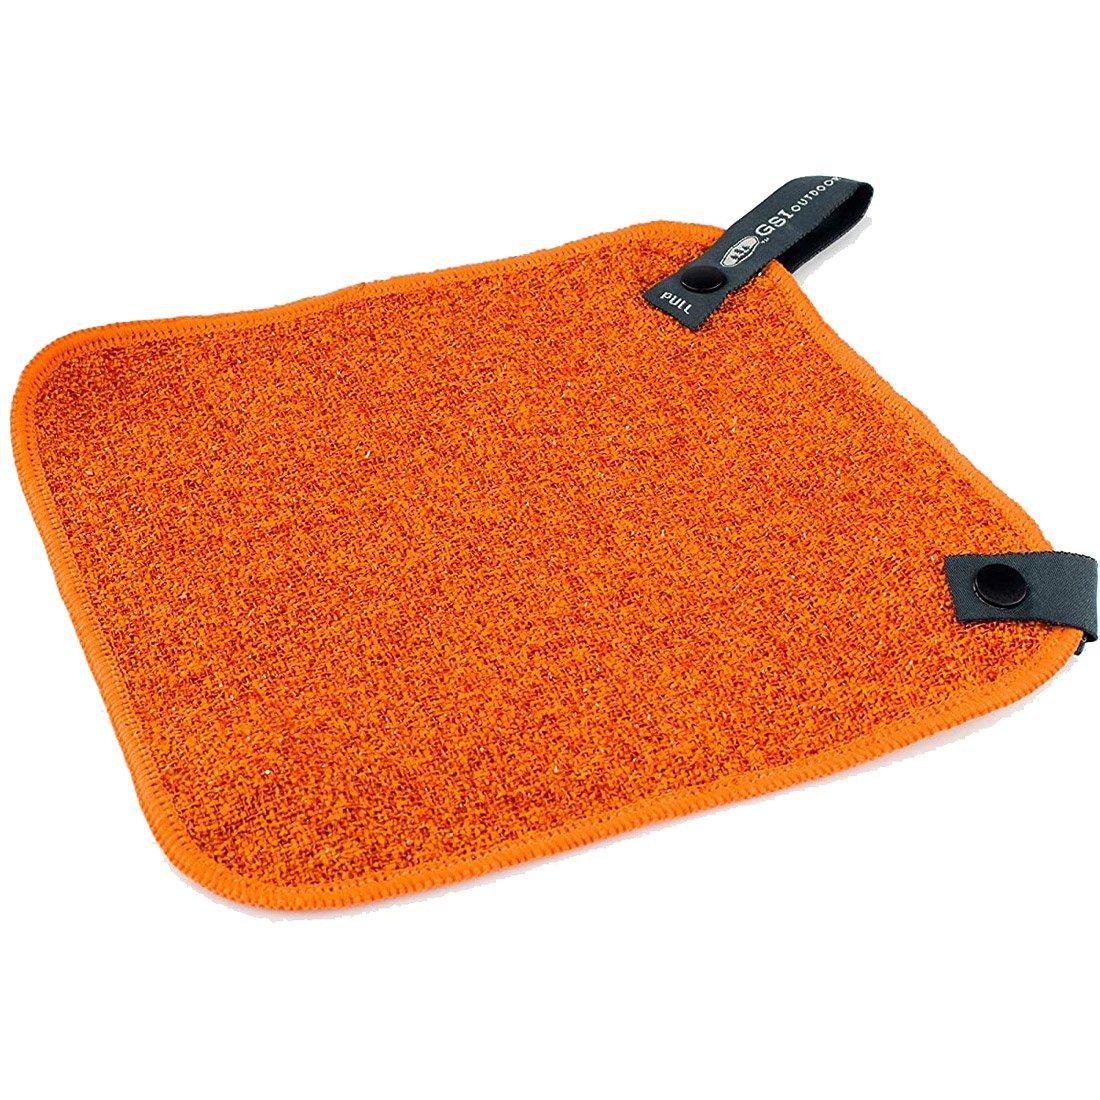 מטלית לניקוי כלים - Camp Dish Cloth Large - GSI